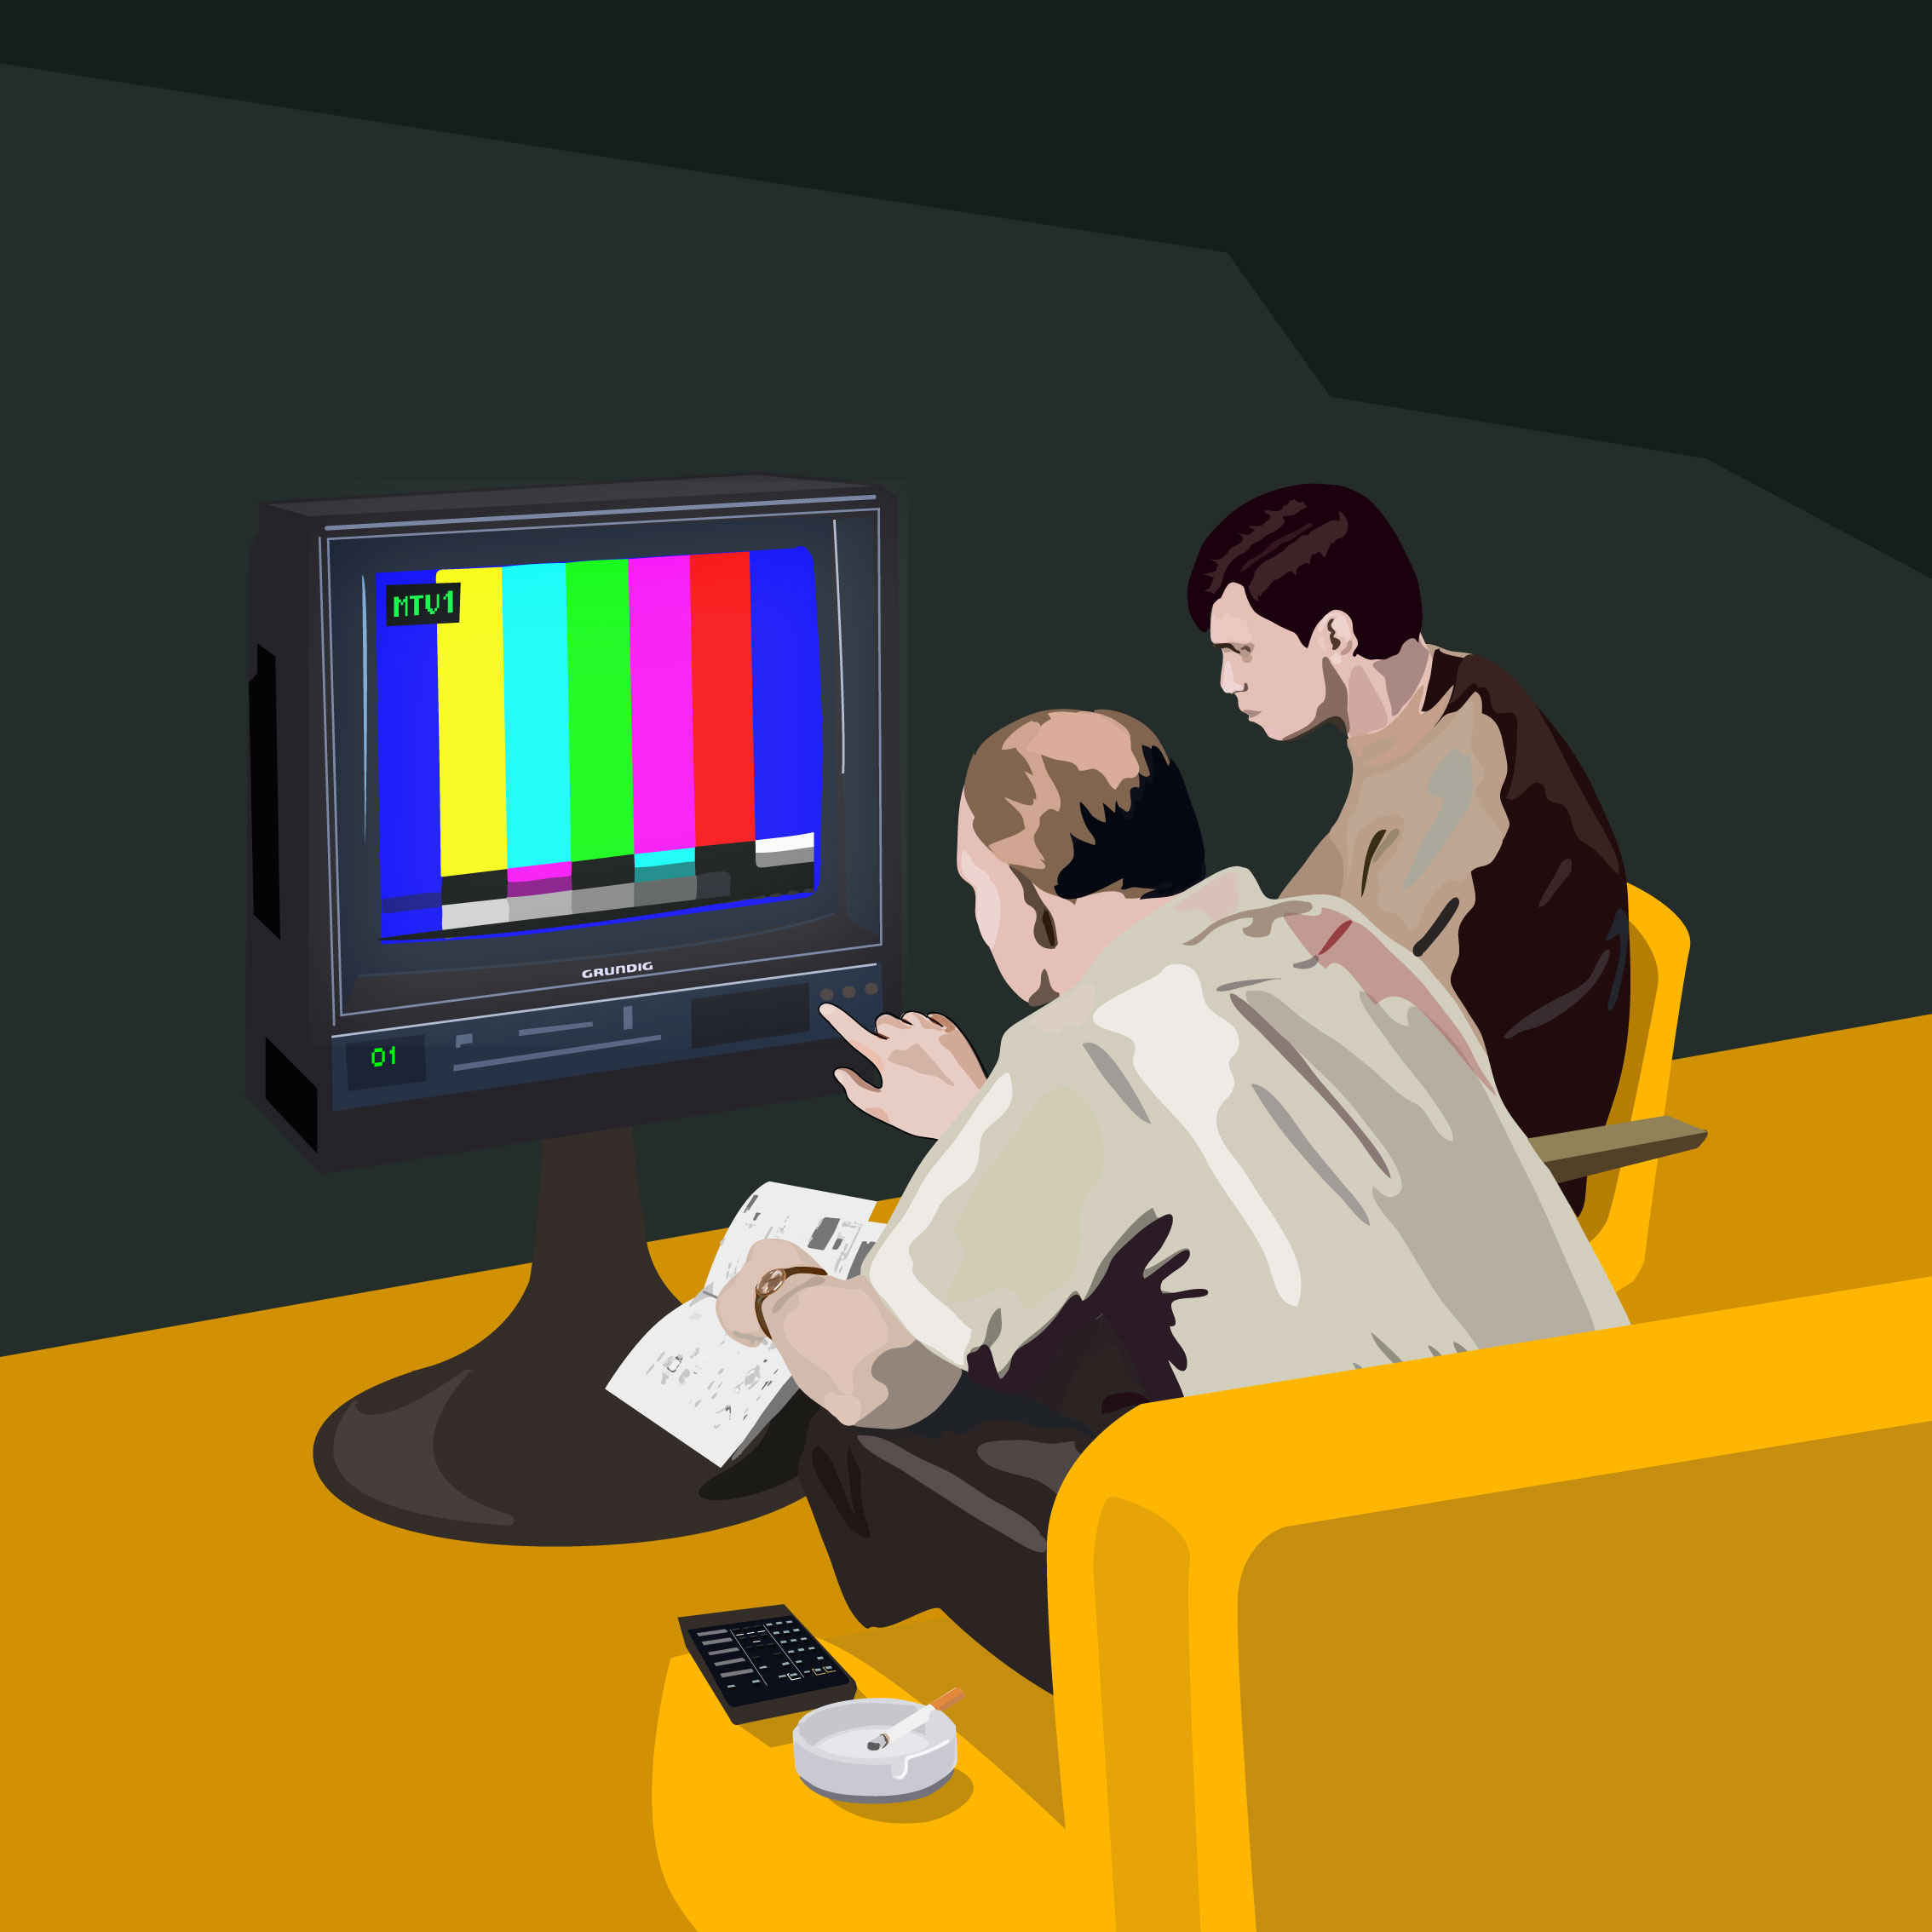 Kádár János segít beprogramozni apámnak az új színes tévénket